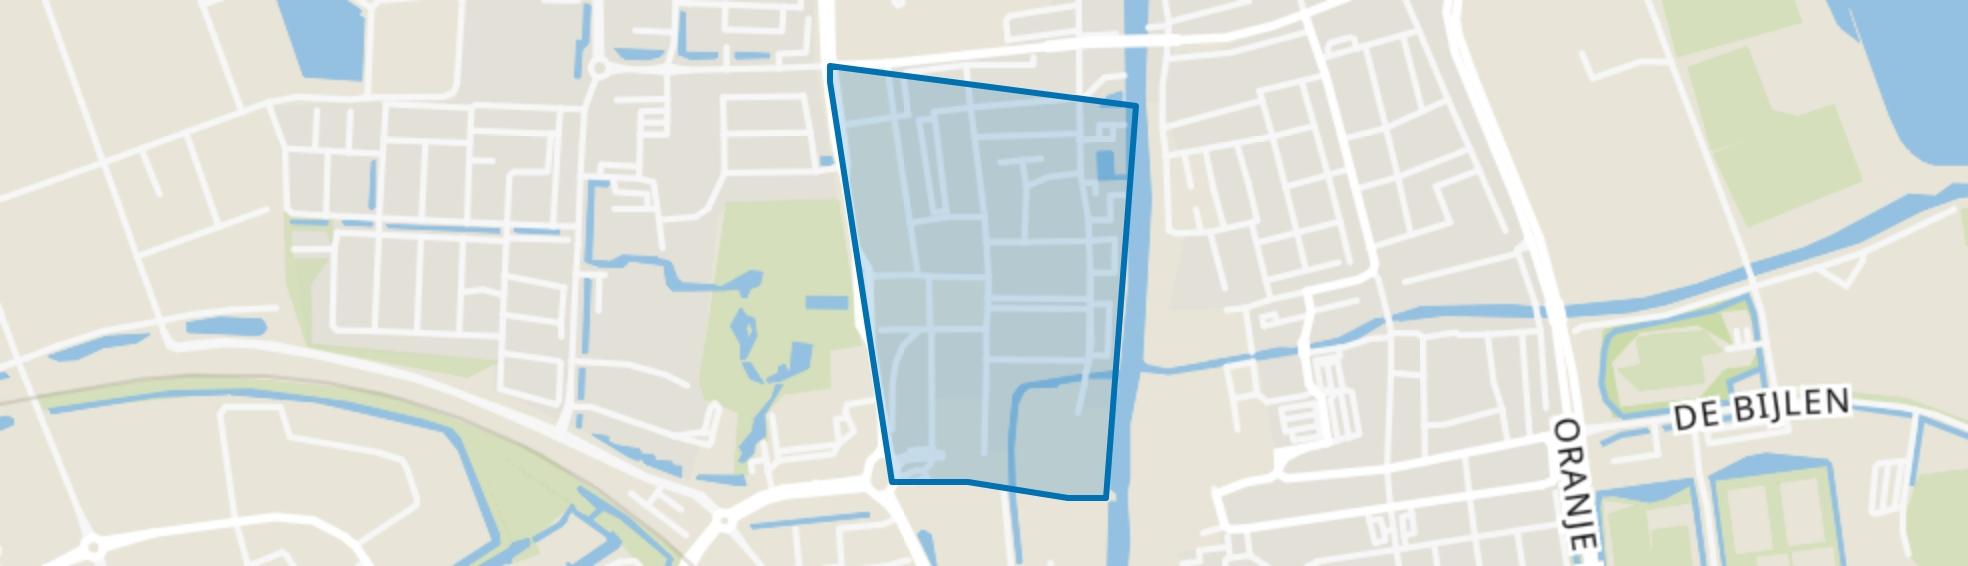 Burgemeester Visserpark, Alphen aan den Rijn map